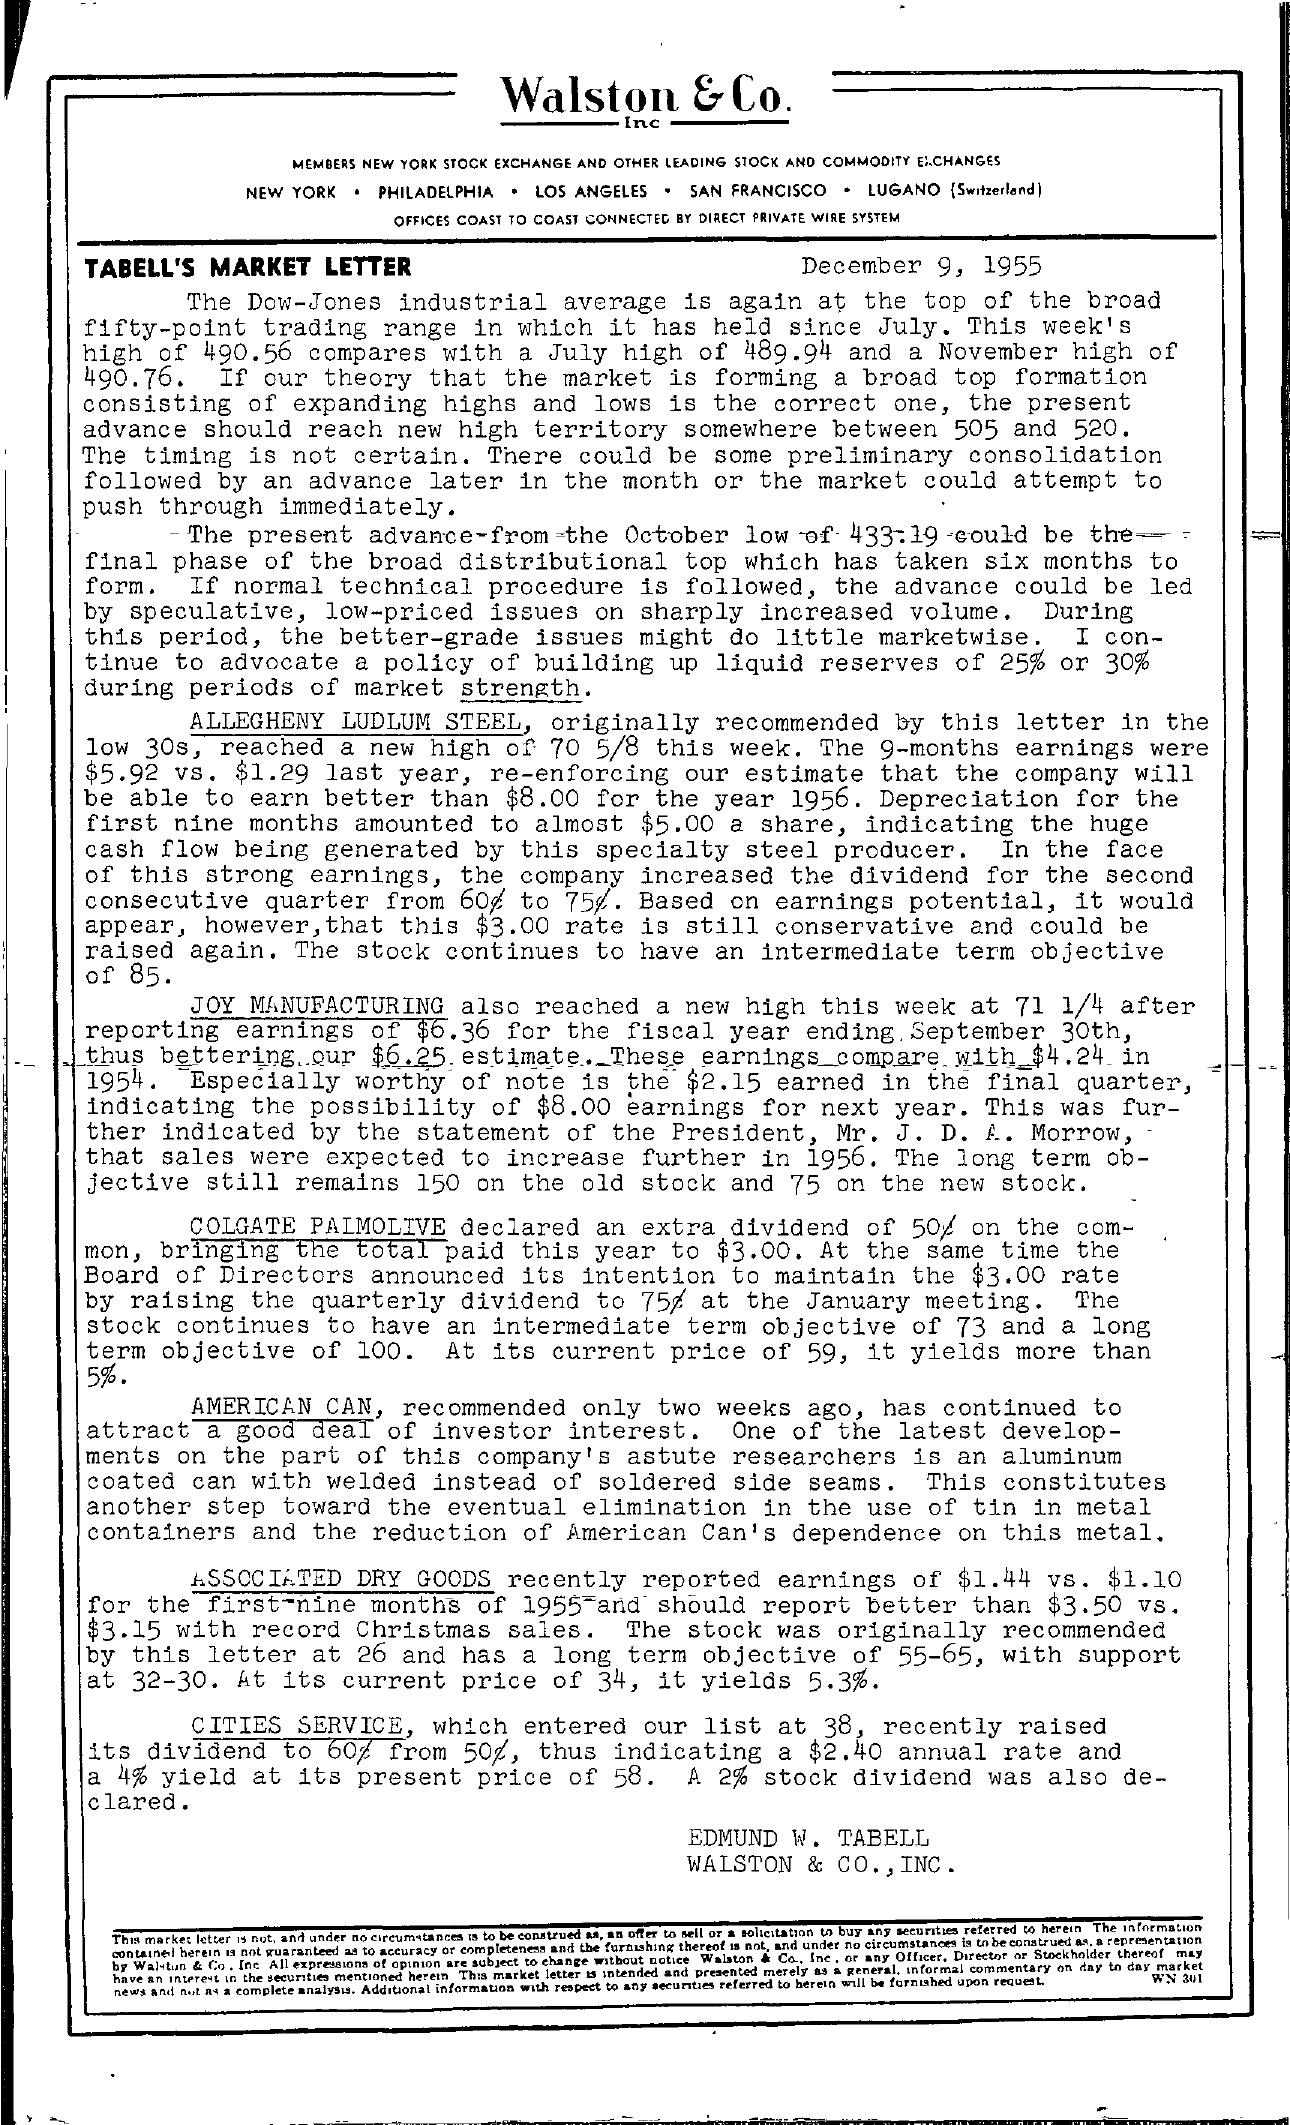 Tabell's Market Letter - December 09, 1955